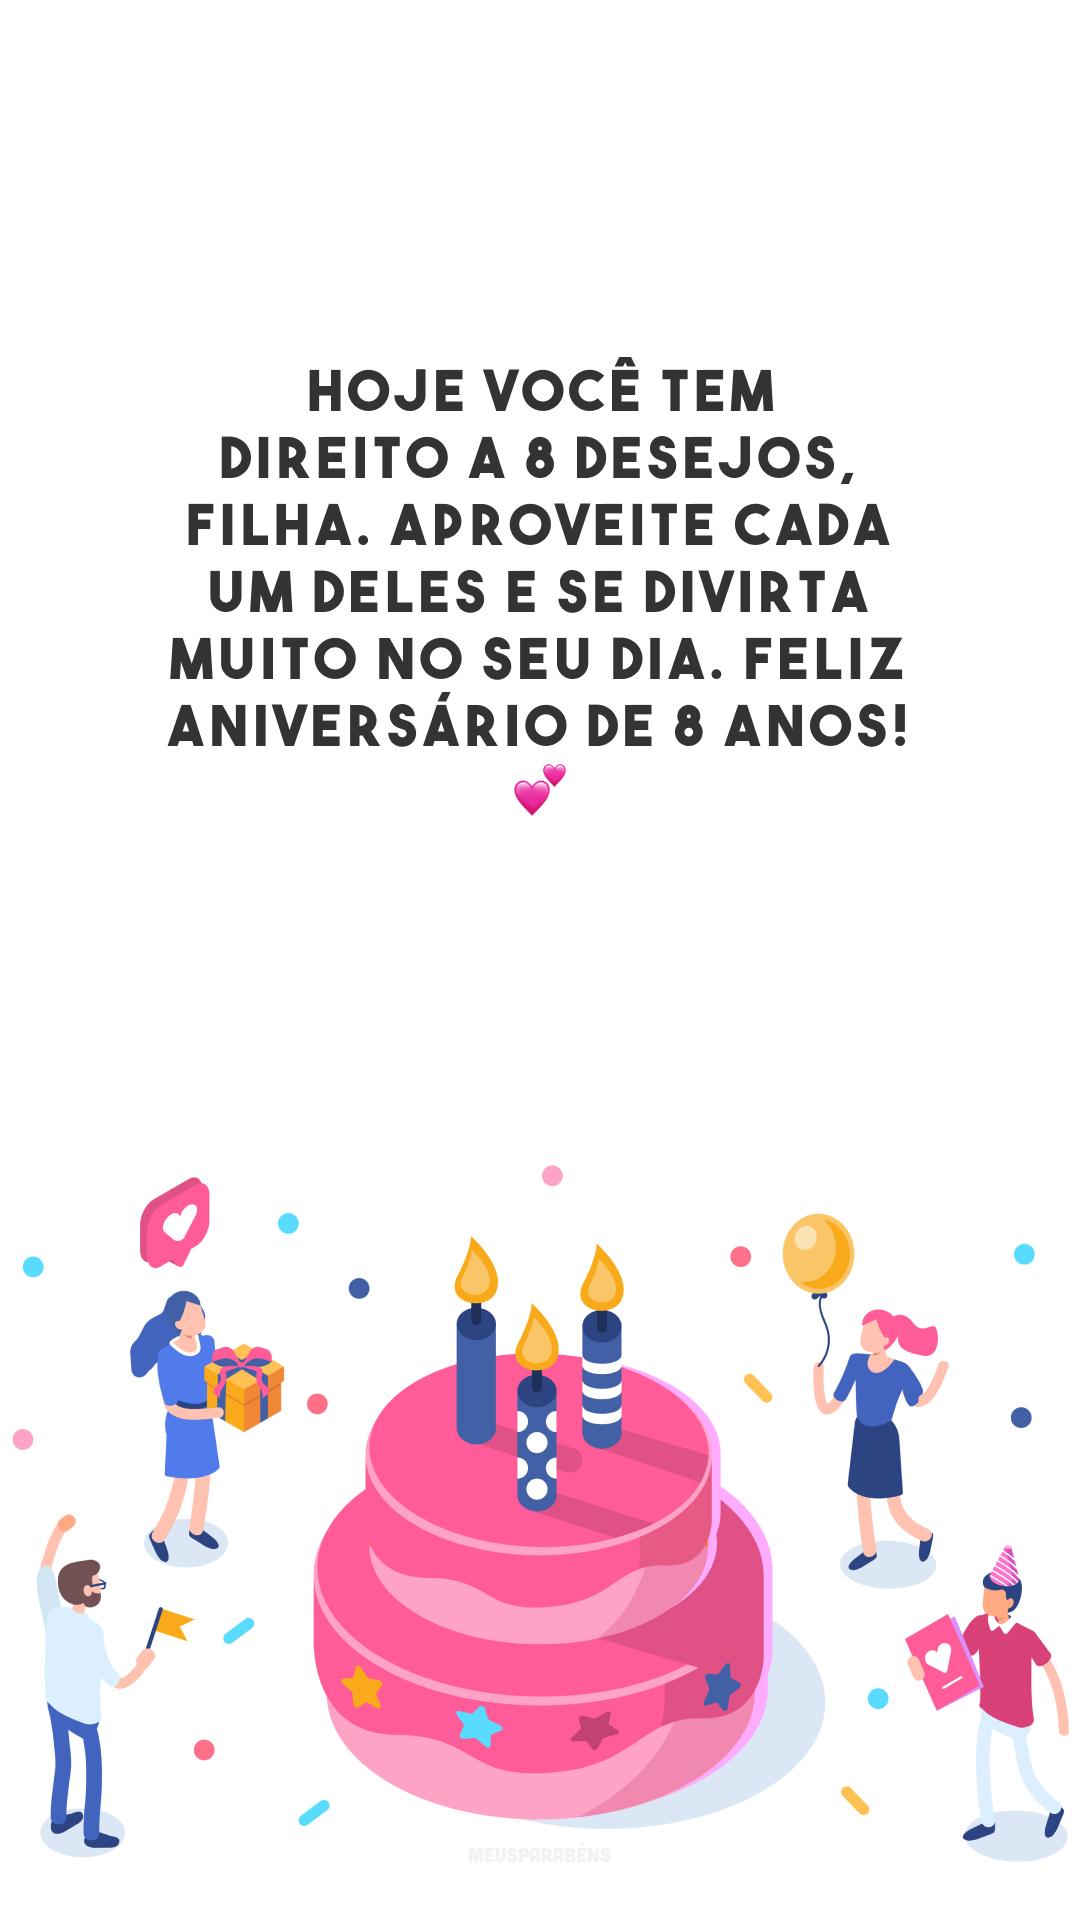 Hoje você tem direito a 8 desejos, filha. Aproveite cada um deles e se divirta muito no seu dia. Feliz aniversário de 8 anos! 💕